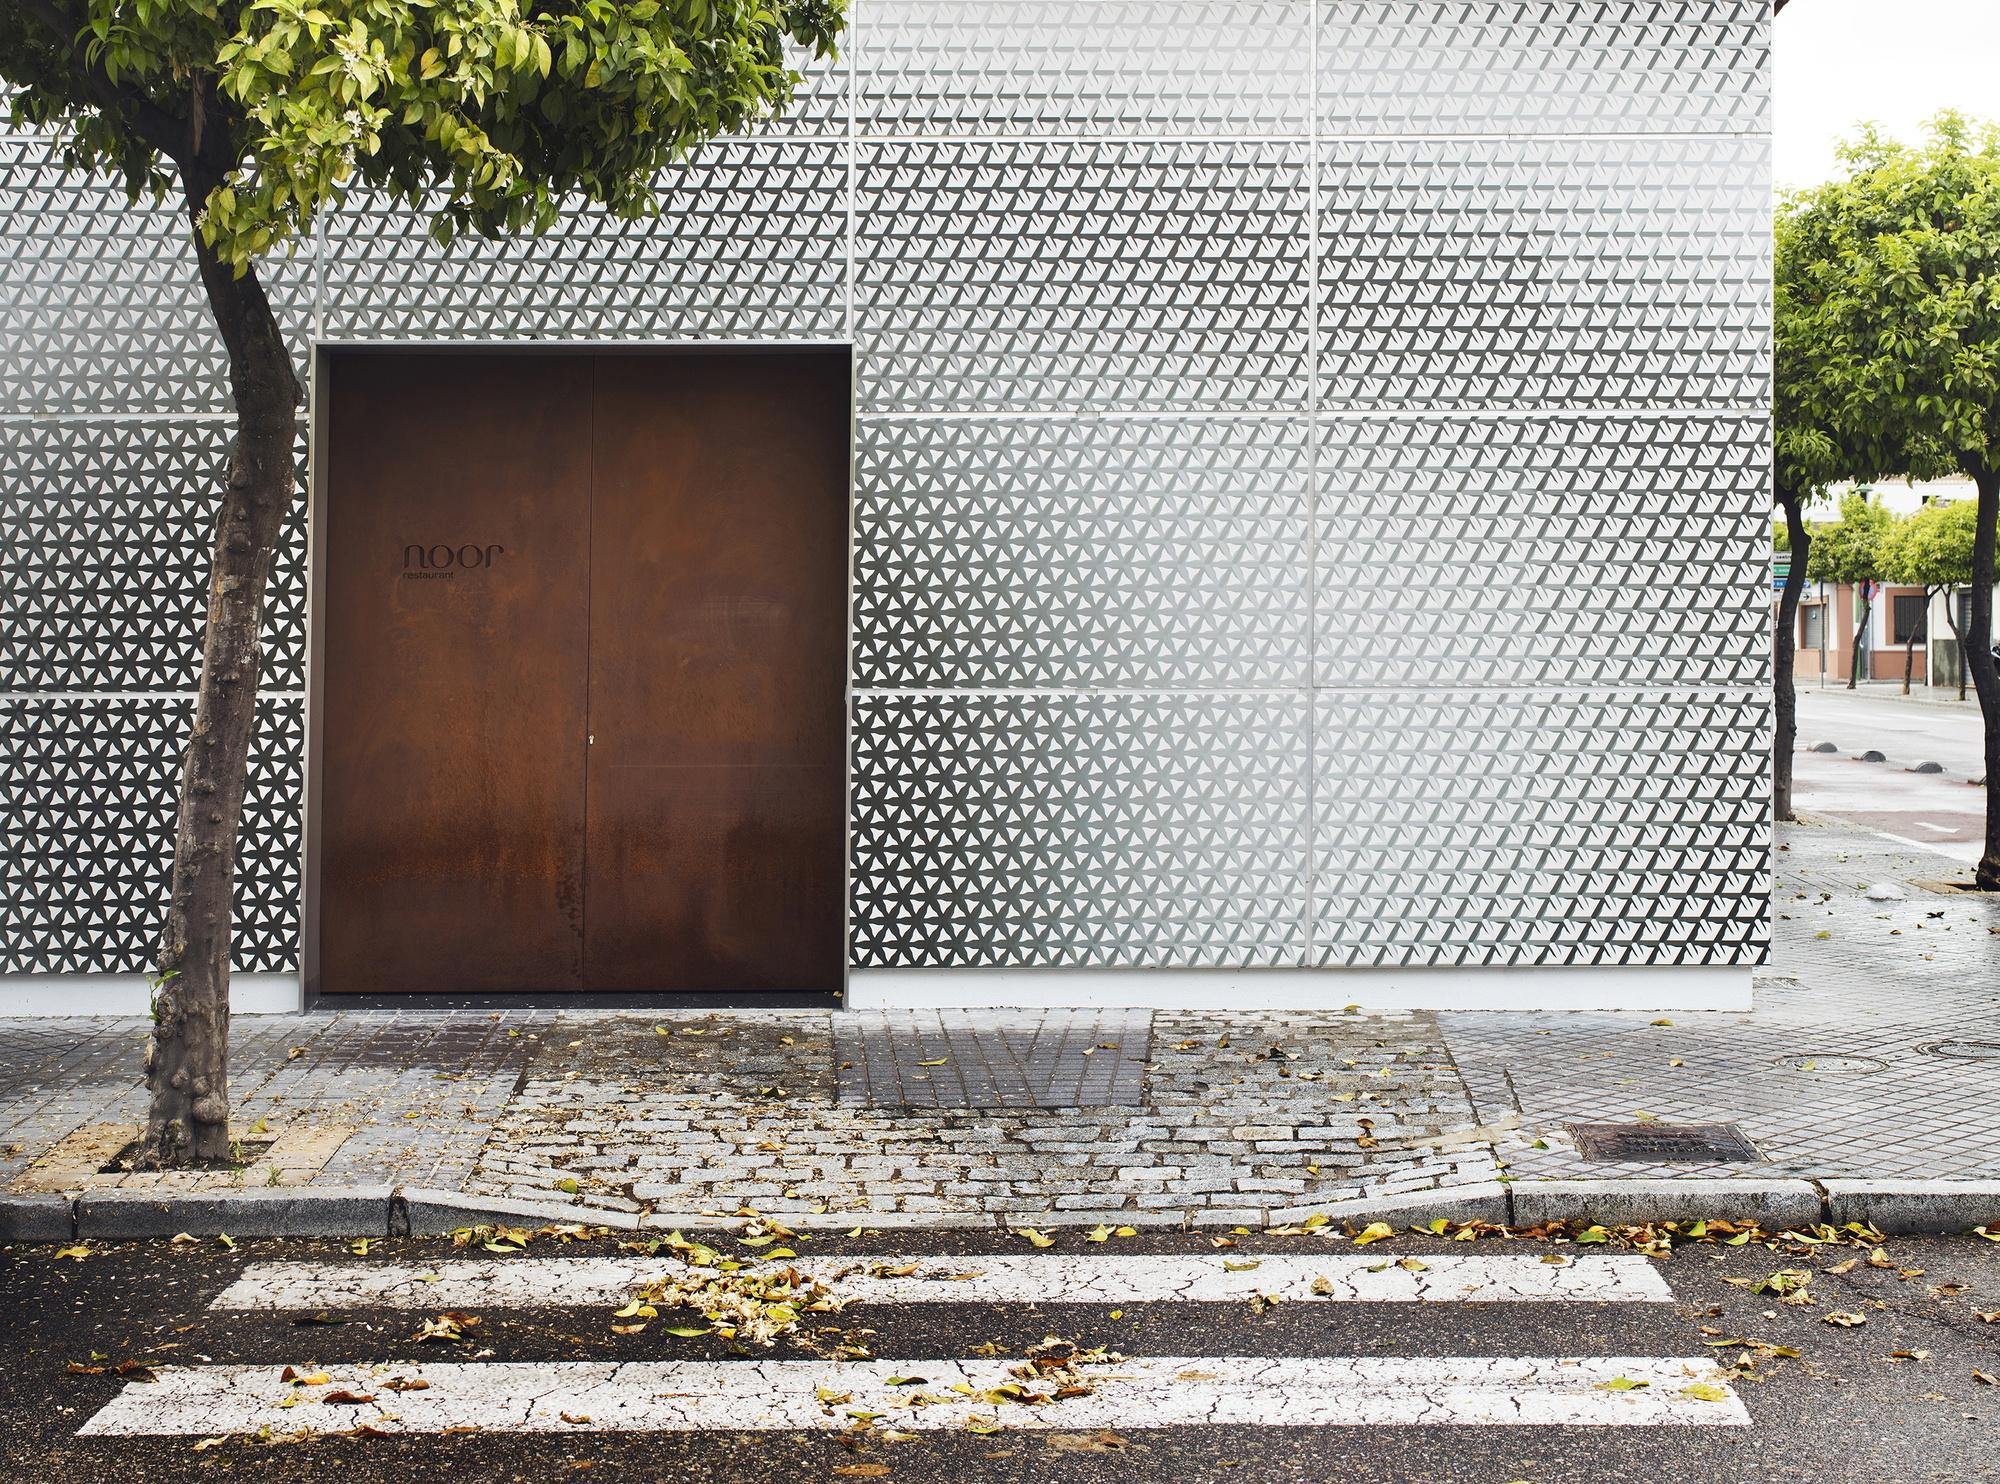 1south_facade__corten_steel_door_shows_the_entrance_to_the_restaurant